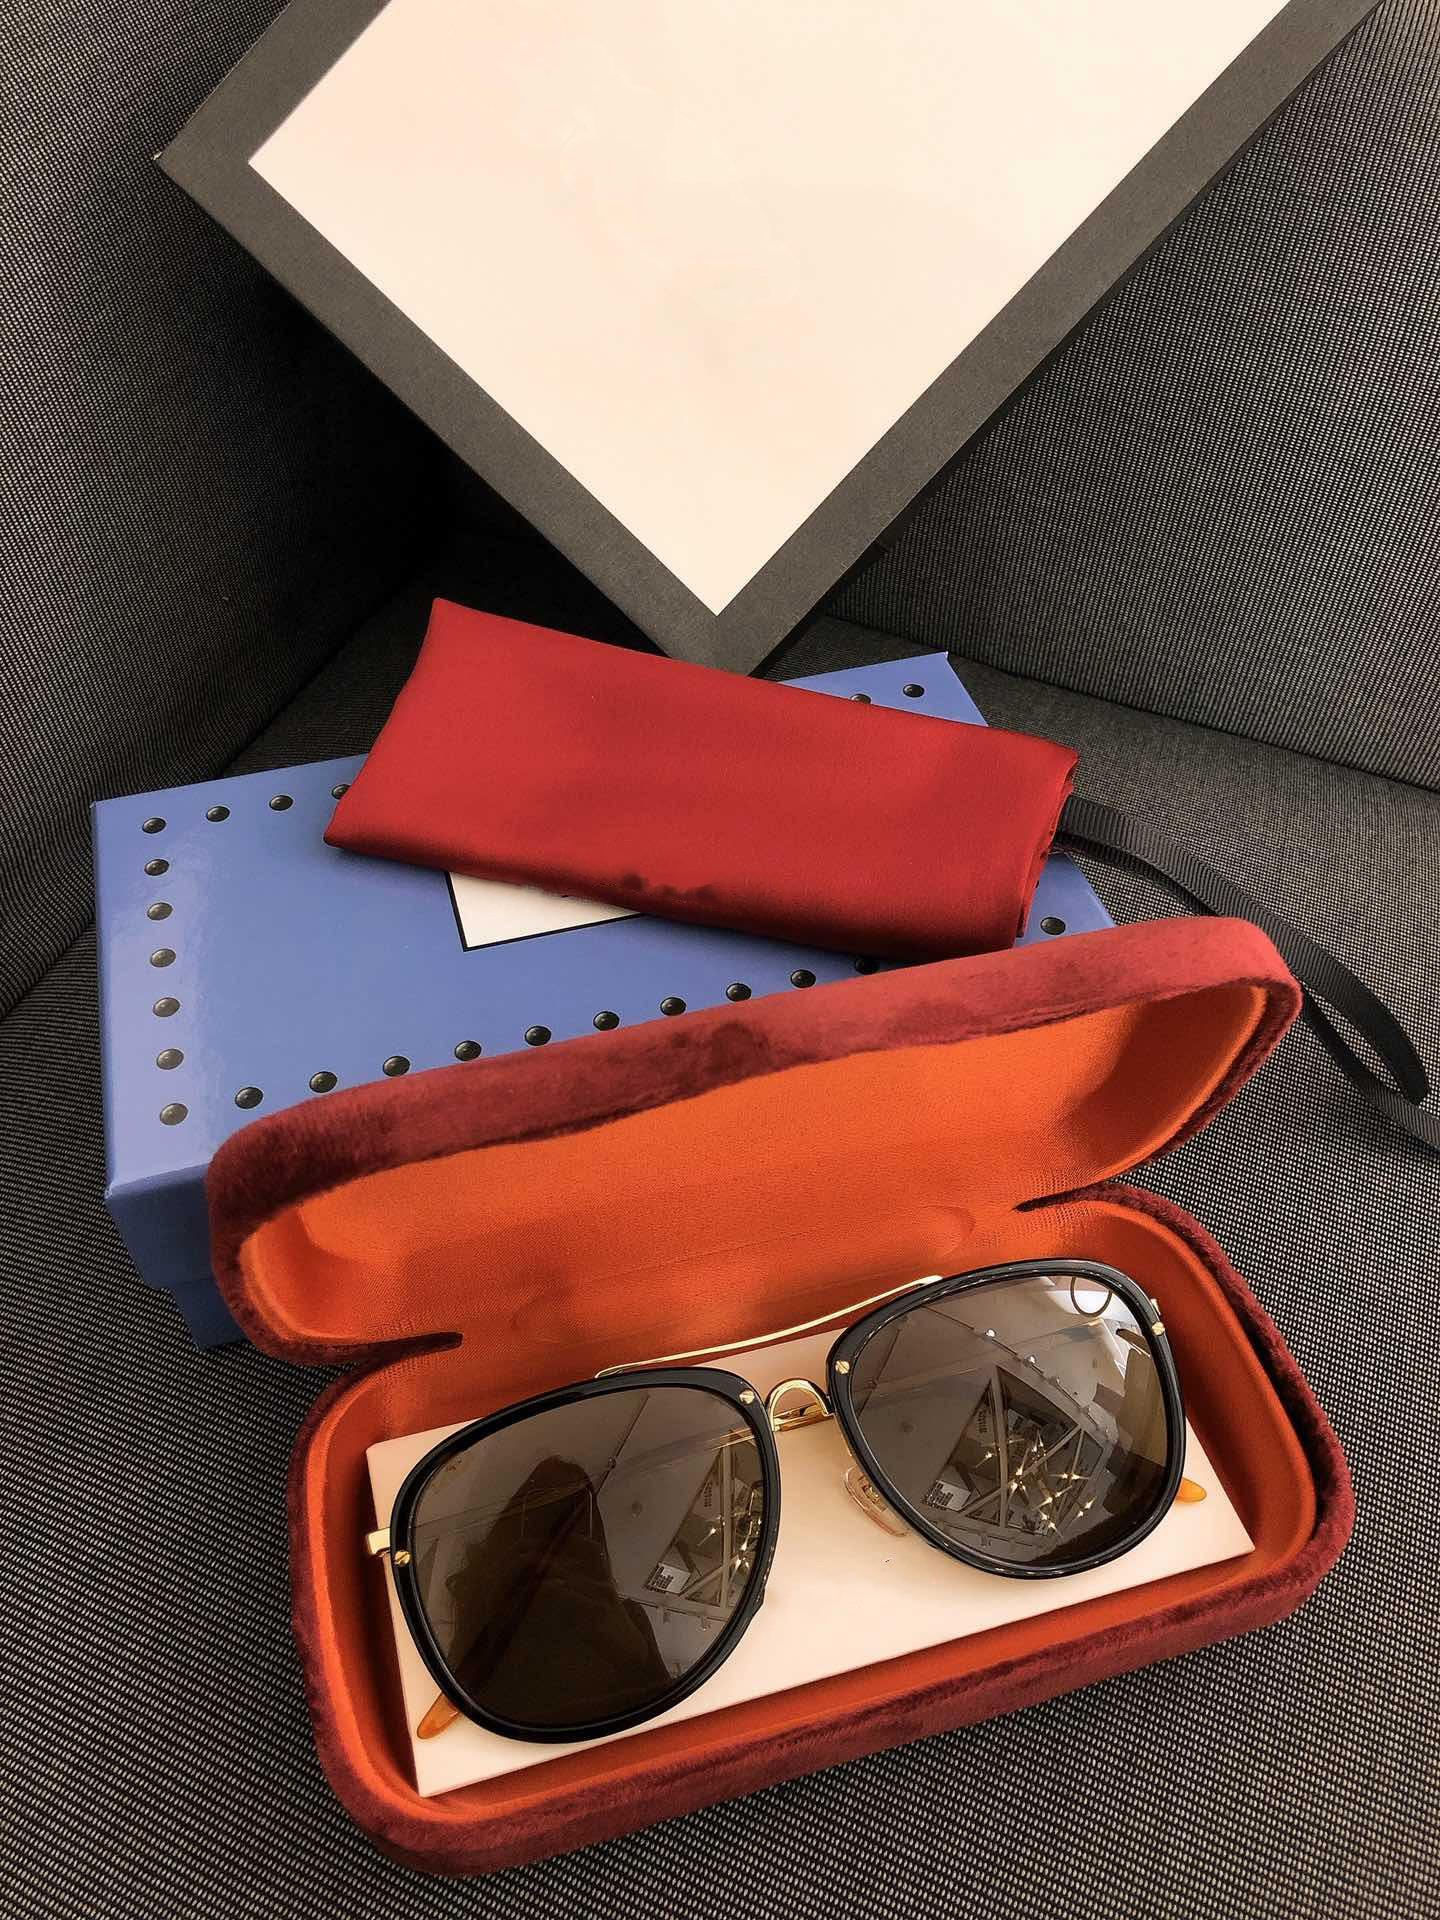 Luxus-Designer-Sonnenbrillen für Frauen 0062 klassische Sommer-Fashion Style Metall Rahmenaugengläser Top-Qualität eyewear UV-Schutz-Objektivs